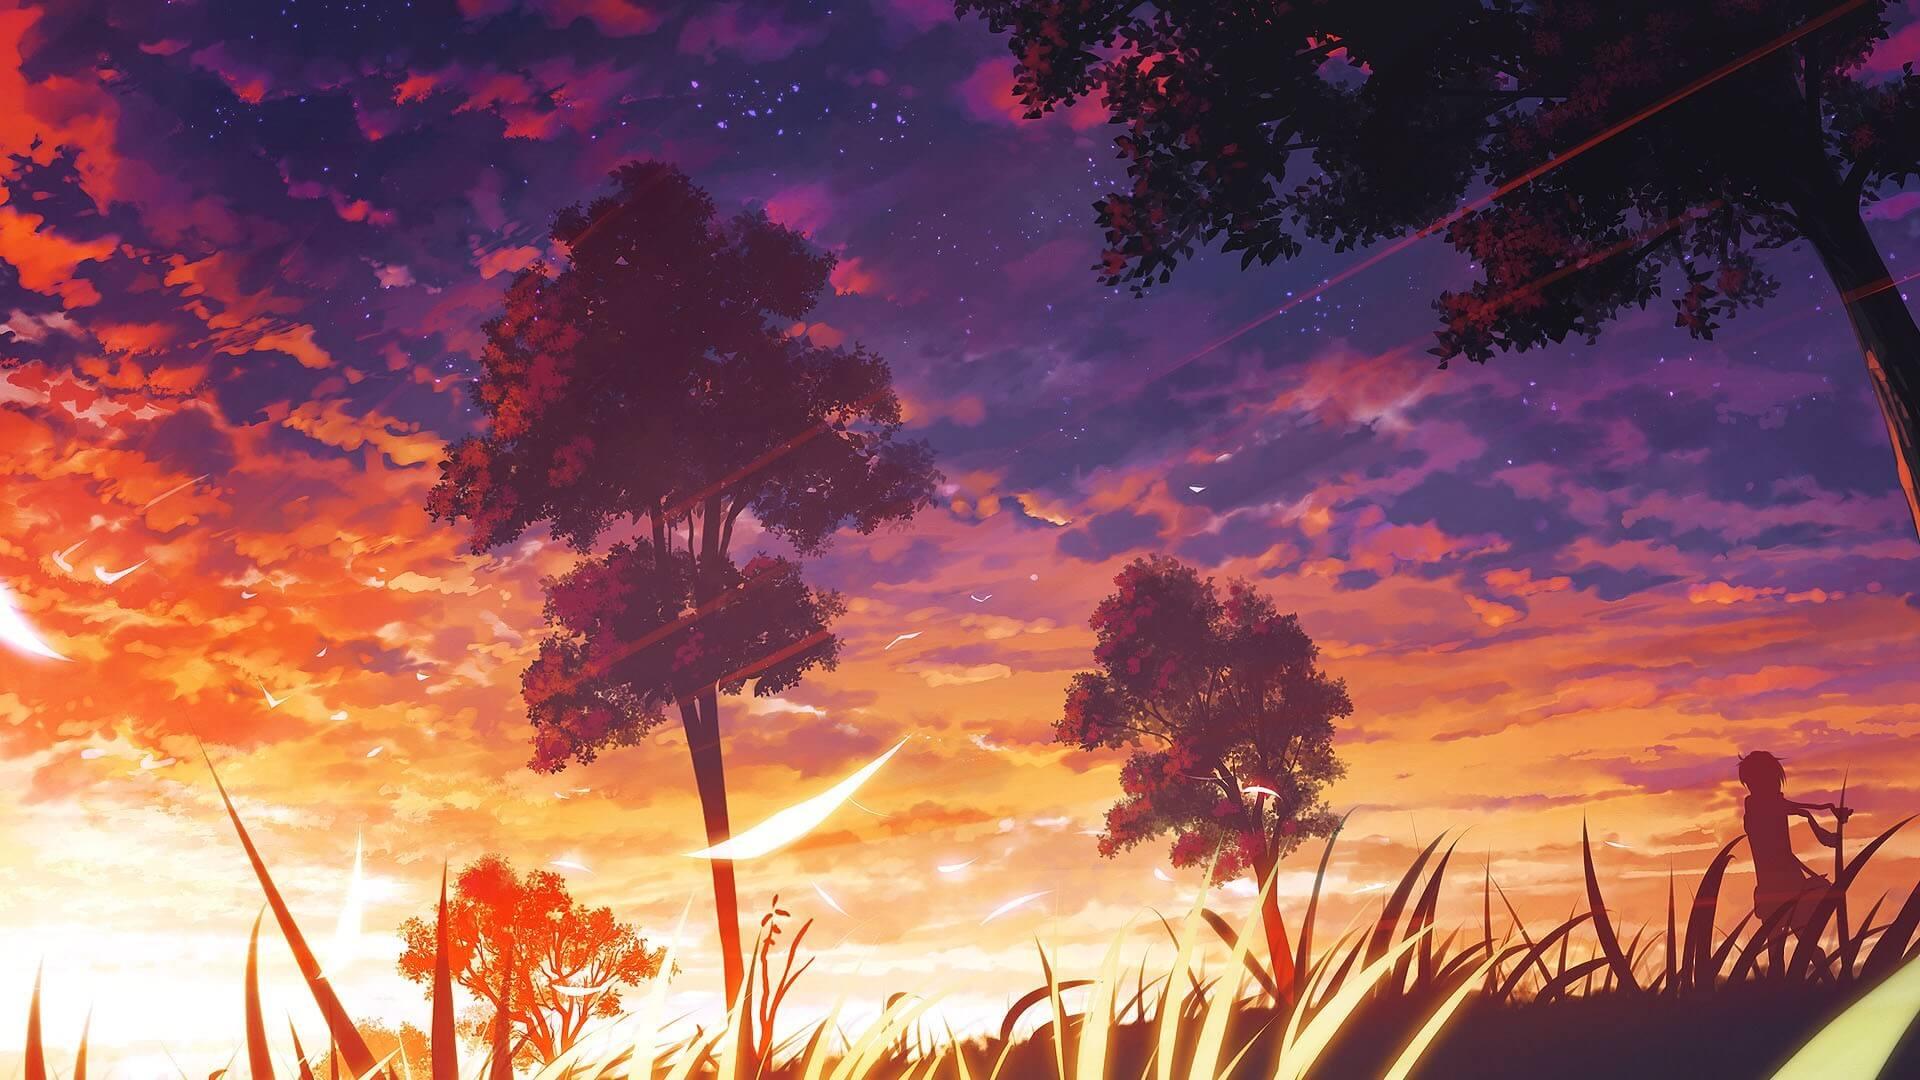 Hình nền anime đẹp cho điện thoại